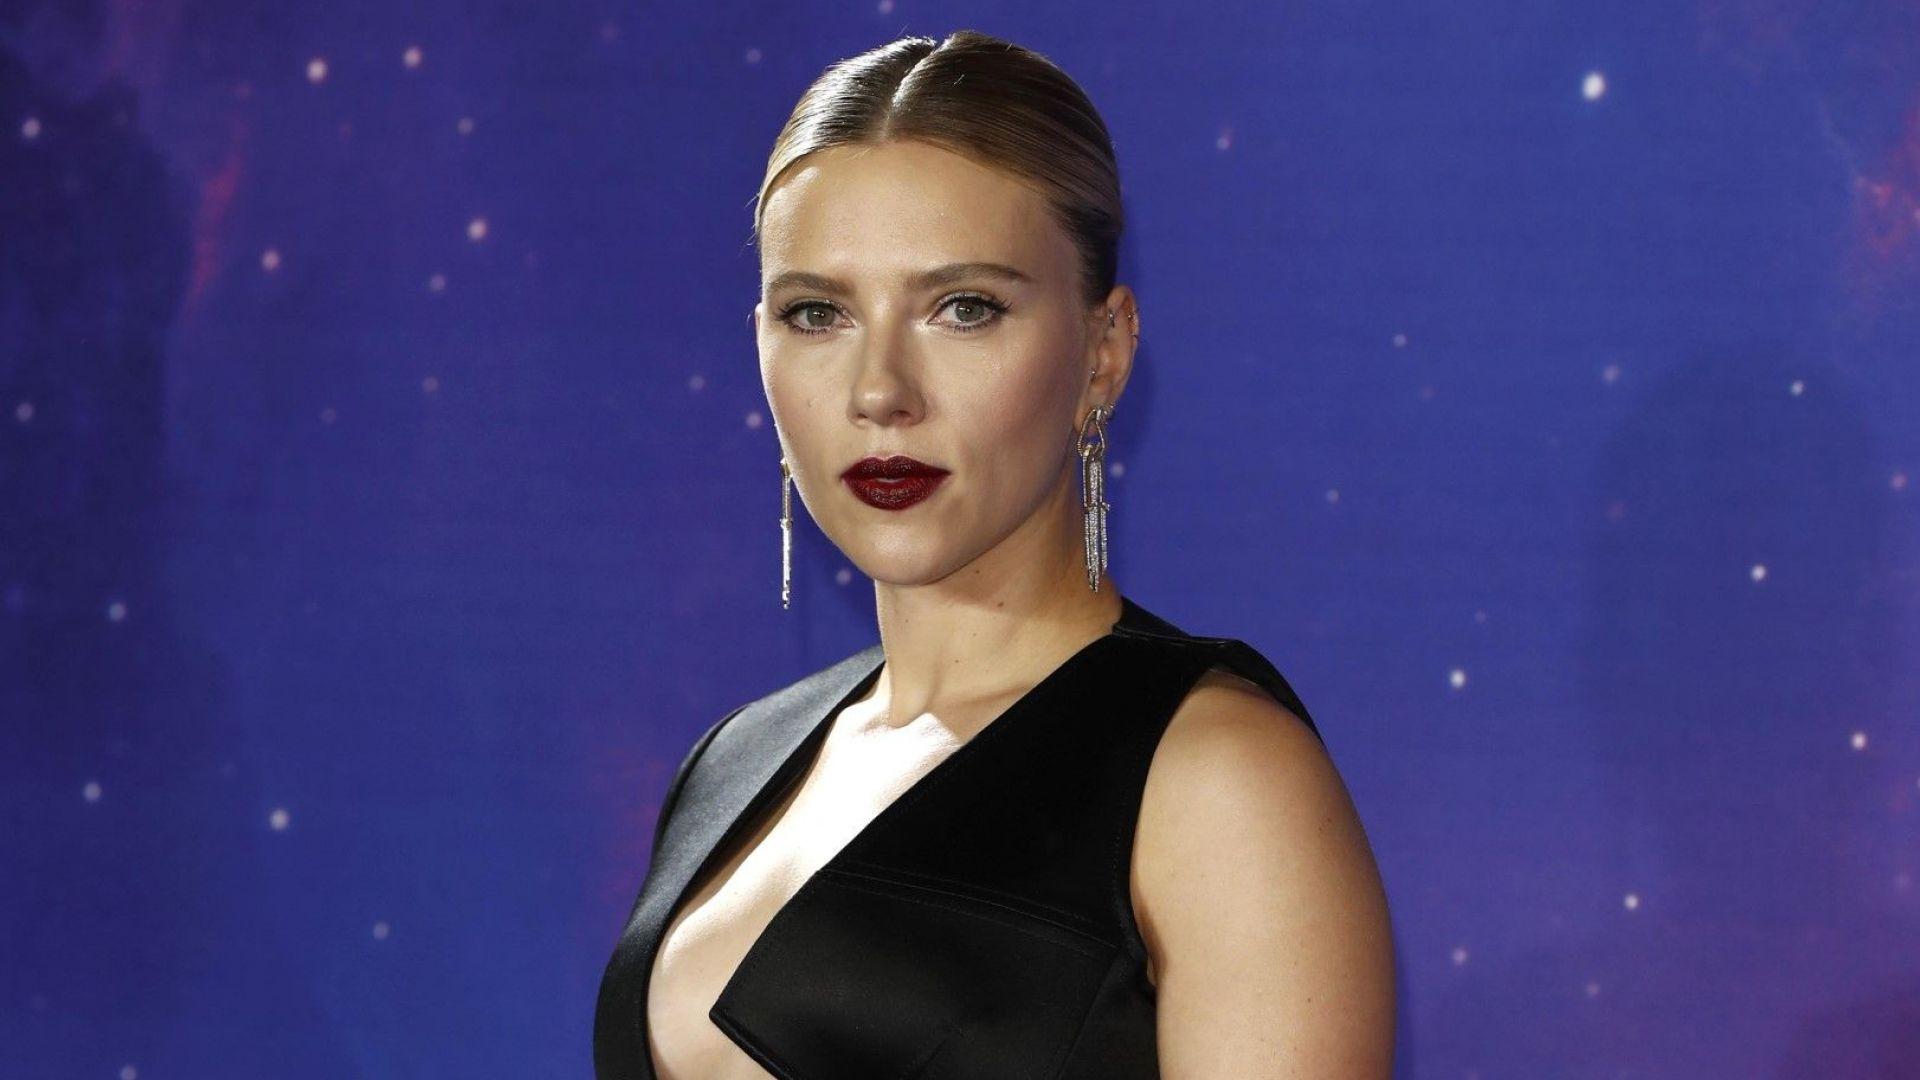 Скарлет Йохансон за все по-силния натиск да си слаб в Холивуд